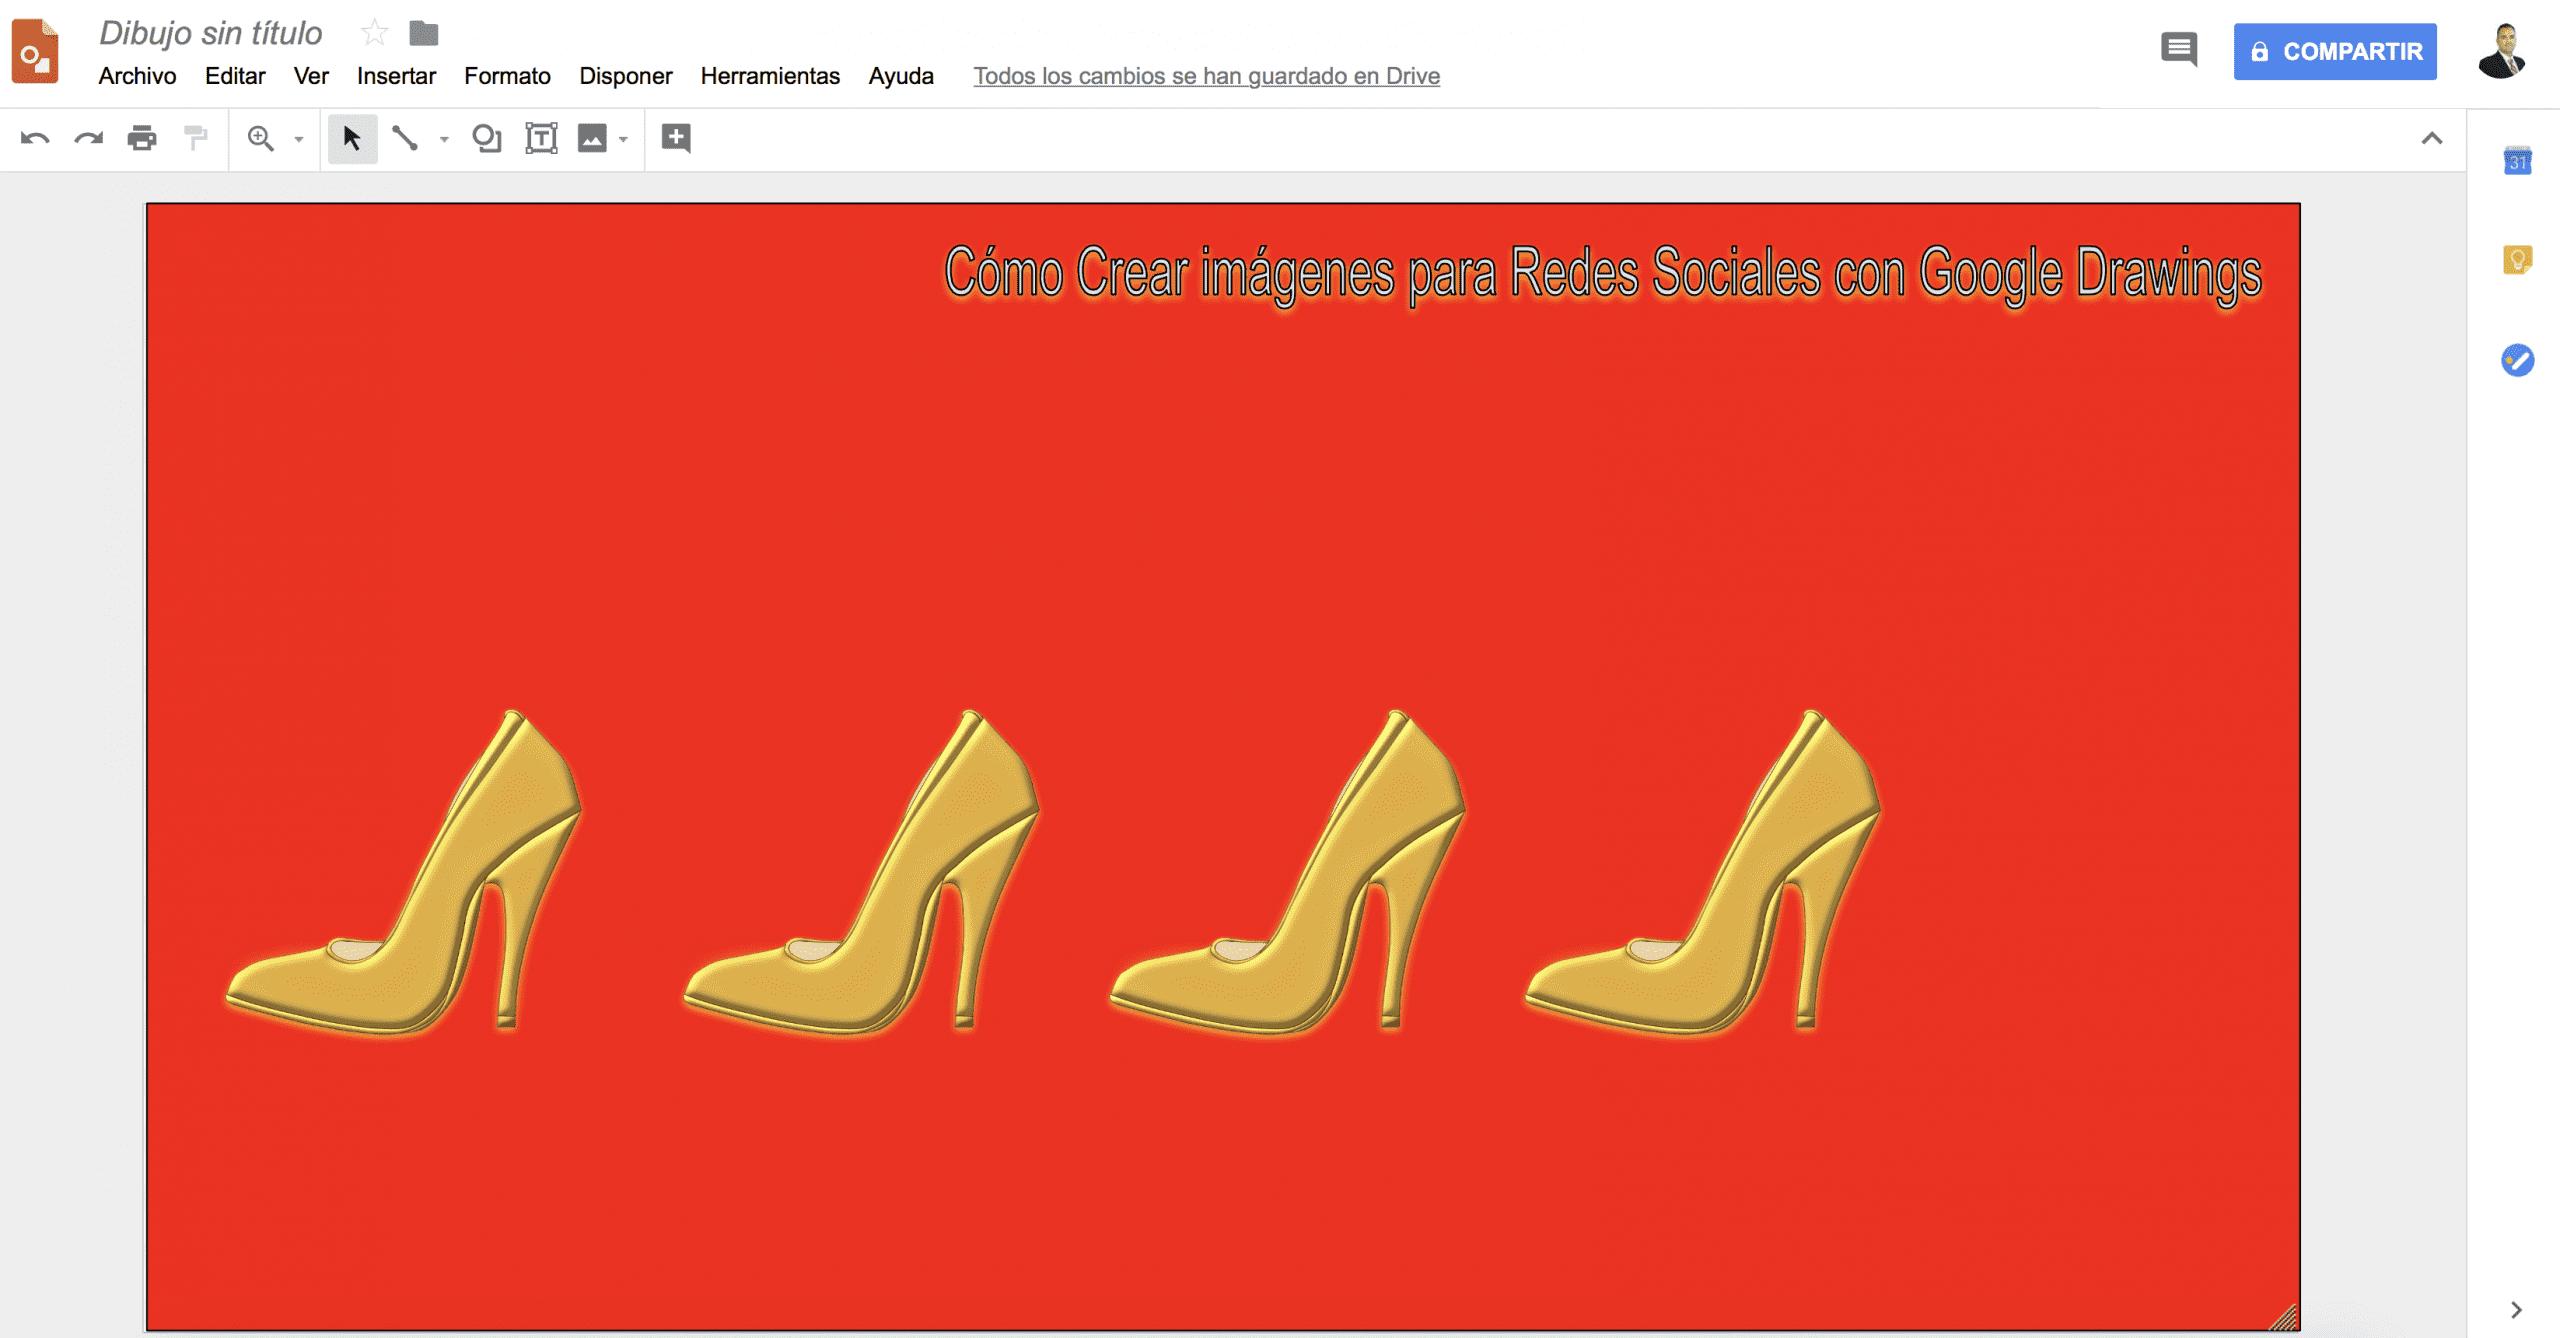 Para enviar al fondo esta imagen y que vuelva a verse la imagen de los zapatos que hemos creado, tienes dos opciones. Puedes hacer que el color sea transparente utilizando el control deslizante a la derecha del cuadro de diálogo de color personalizado, o selecciona la imagen y elige Organizar> Ordenar> Enviar al fondo.» class=»wp-image-12758″/></figure>    <p><strong></strong></p>    <p>Si necesitas cambiar el tamaño de una imagen que has insertado, mantén presionada la tecla Mayúscula para mantener la relación de aspecto de la imagen y evitar la distorsión del diseño. Luego arrastra una de las esquinas hacen de controlador de tamaño hasta que la imagen tenga el tamaño que quieras. Si cambias el tamaño de una imagen, evita agrandarla si no tiene calidad suficiente.</p>    <h2>4.- Escribir y formatear texto como un pro</h2>    <p>Si estás agregando texto a tus imágenes para redes sociales, obtener las combinaciones de fuentes correctas es más importante de lo que podrías pensar. Las pequeñas cosas (como la elección de la fuente) distinguen el contenido profesional del aficionado. Afortunadamente, Google tiene tu espalda bien cubierta. No solo <strong>Google Drawings</strong> tiene más de 400 fuentes, <a href=